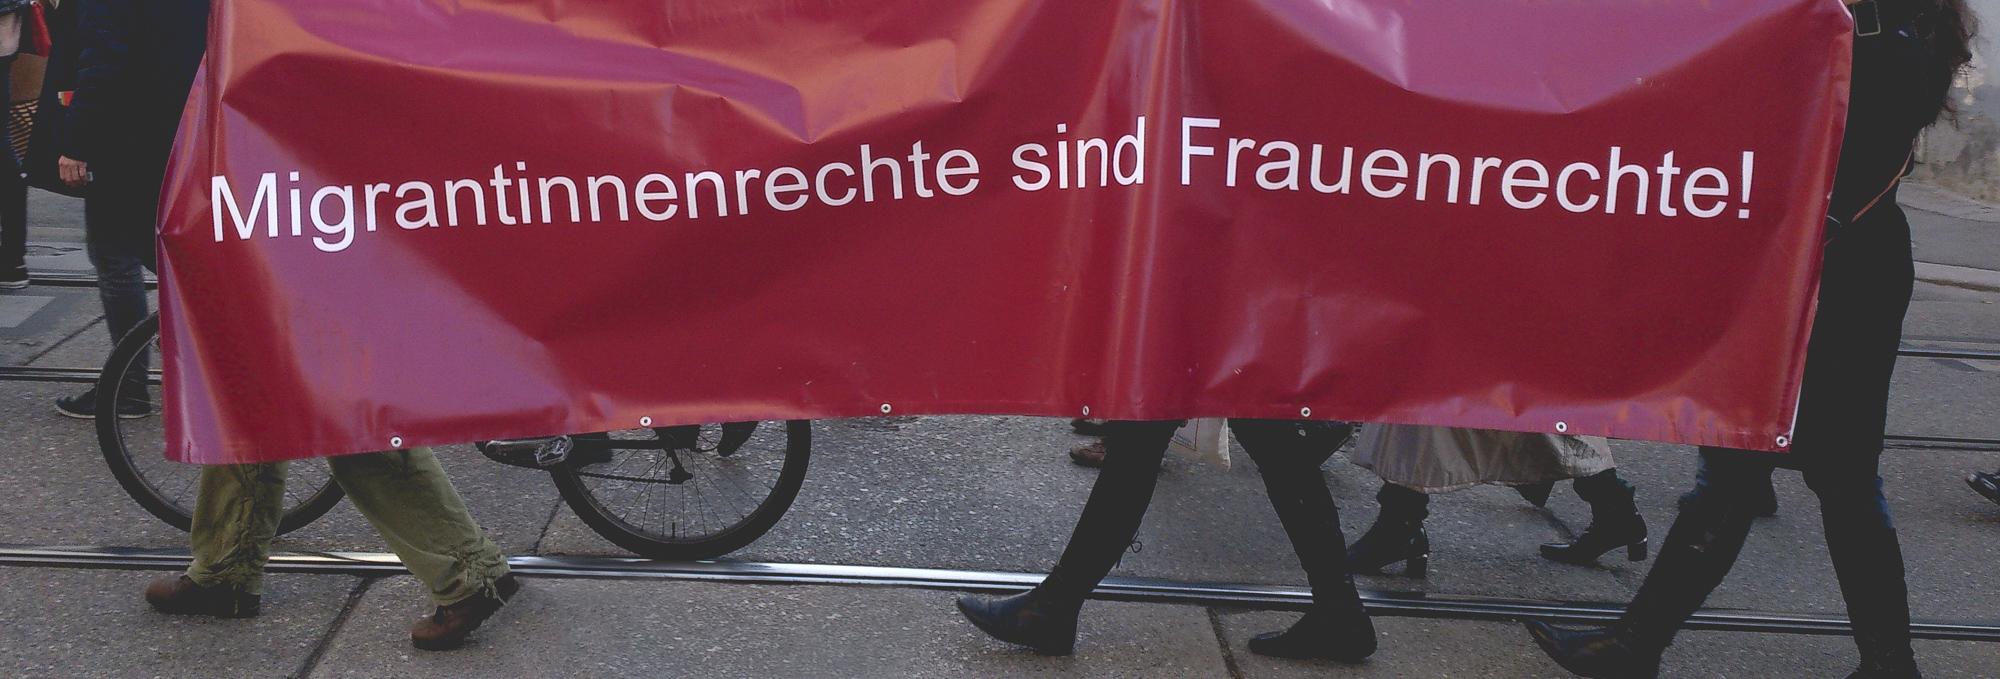 Banner mit Aufschrift: Migrantinnenrechte sind Frauenrechte